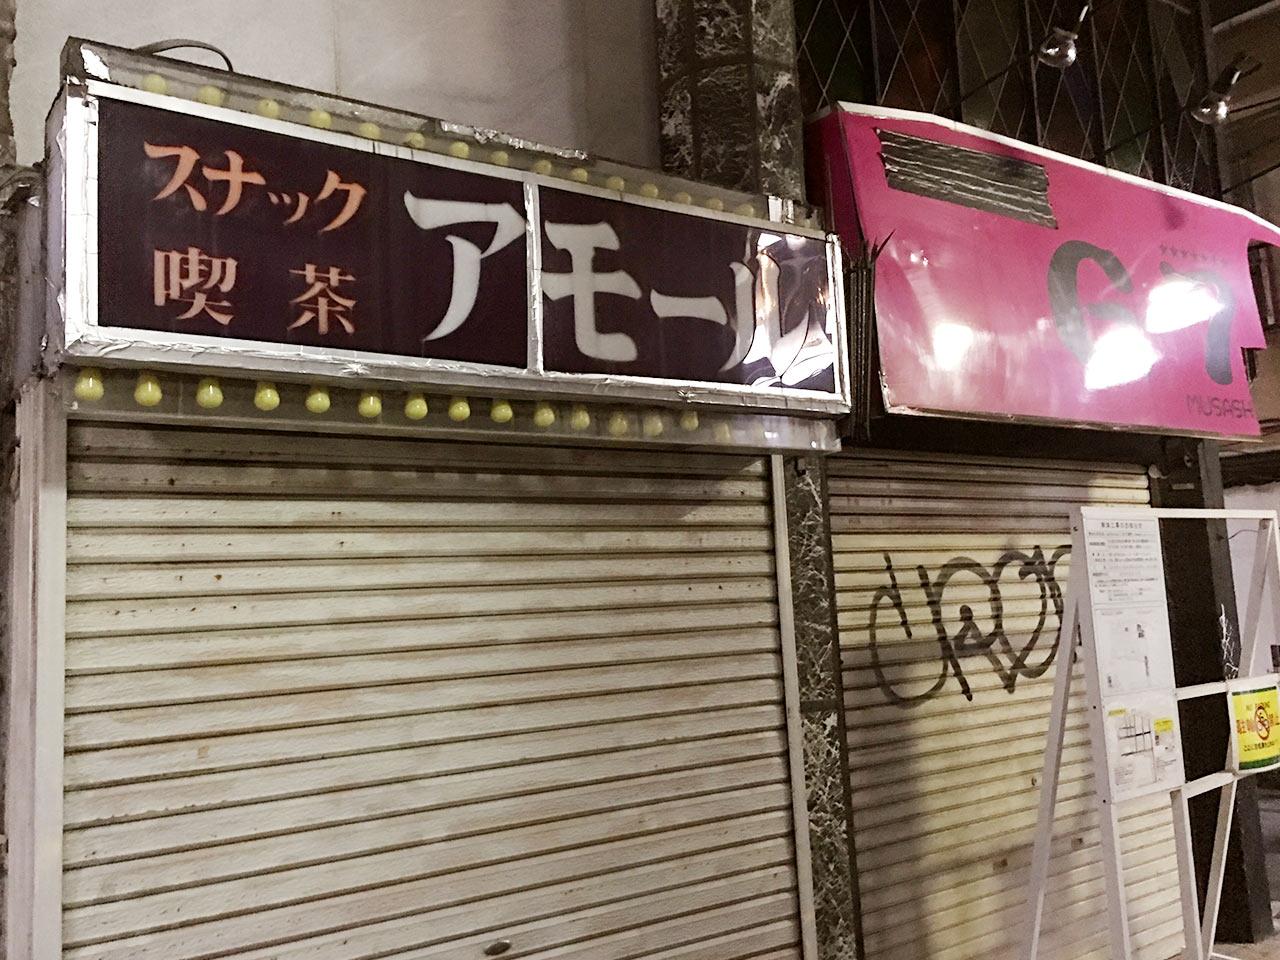 musashikoyama-ekimae-saikaihatsu-street05